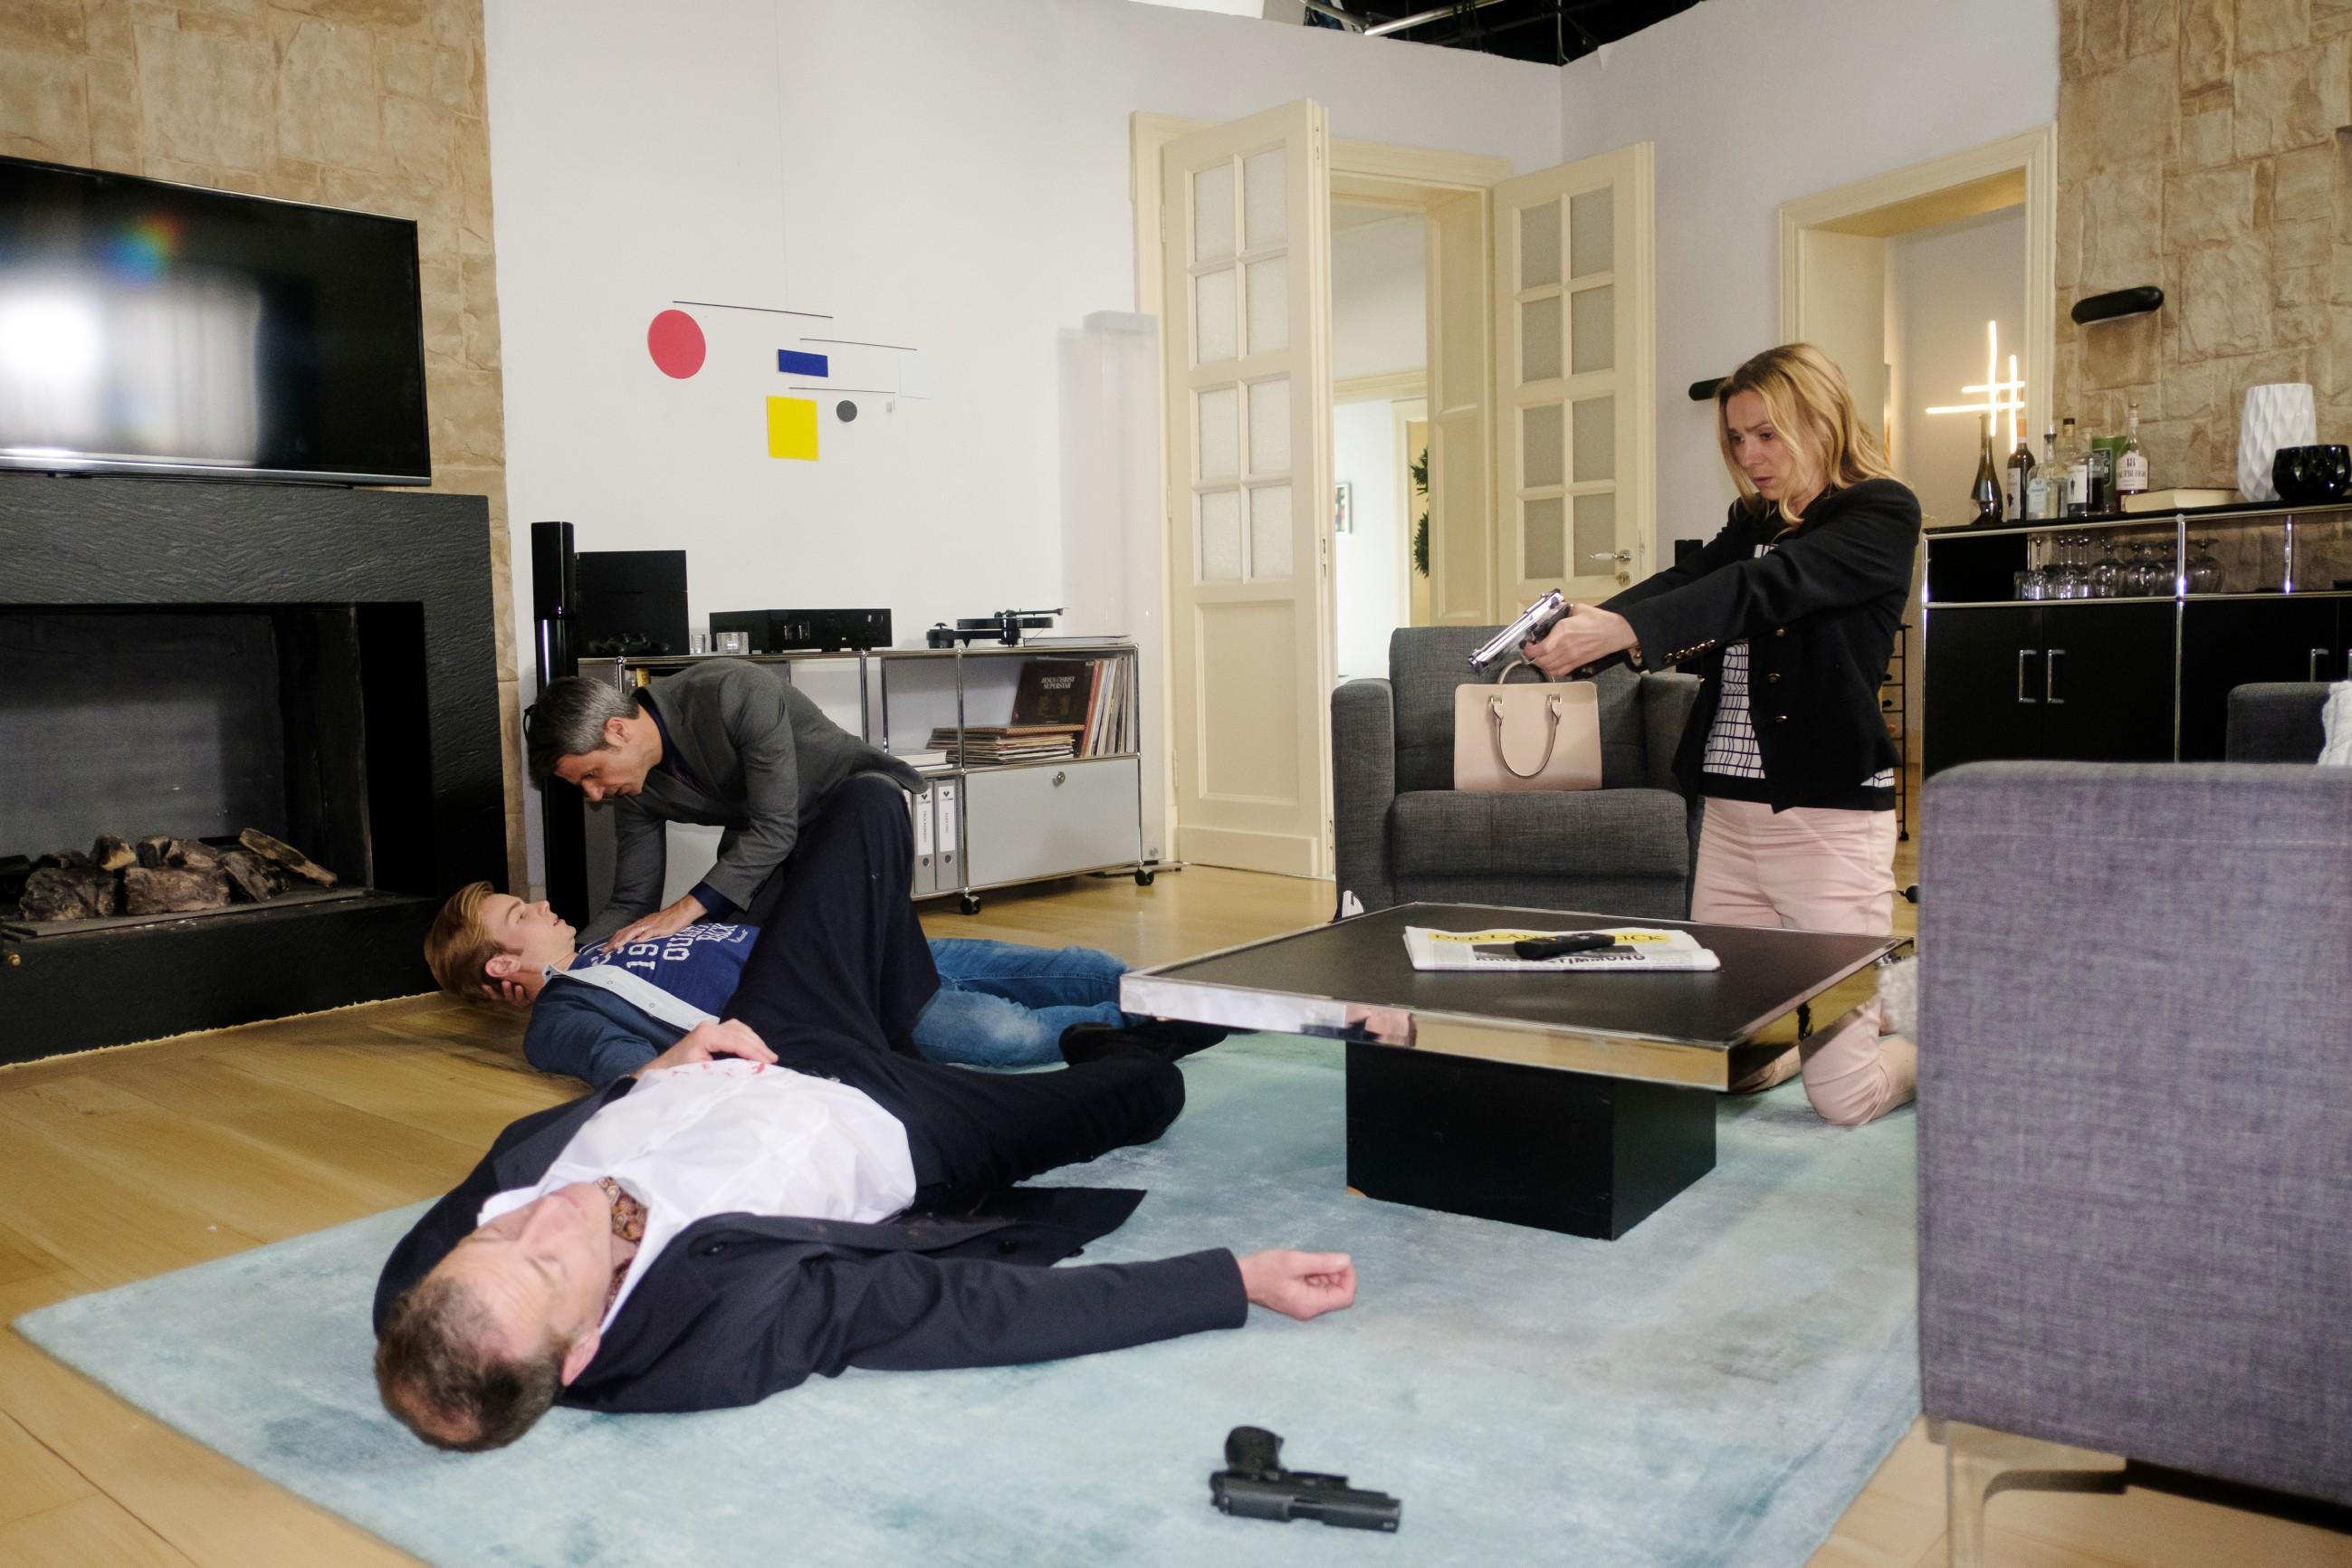 Der Showdown zwischen Opitz (Oliver Sauer, l.) auf der einen und Benedikt (Jens Hajek, 3.v.l.), Valentin (Aaron Koszuta) und Andrea (Astrid Leberti) auf der anderen Seite eskaliert... (Quelle: RTL / Stefan Behrens)